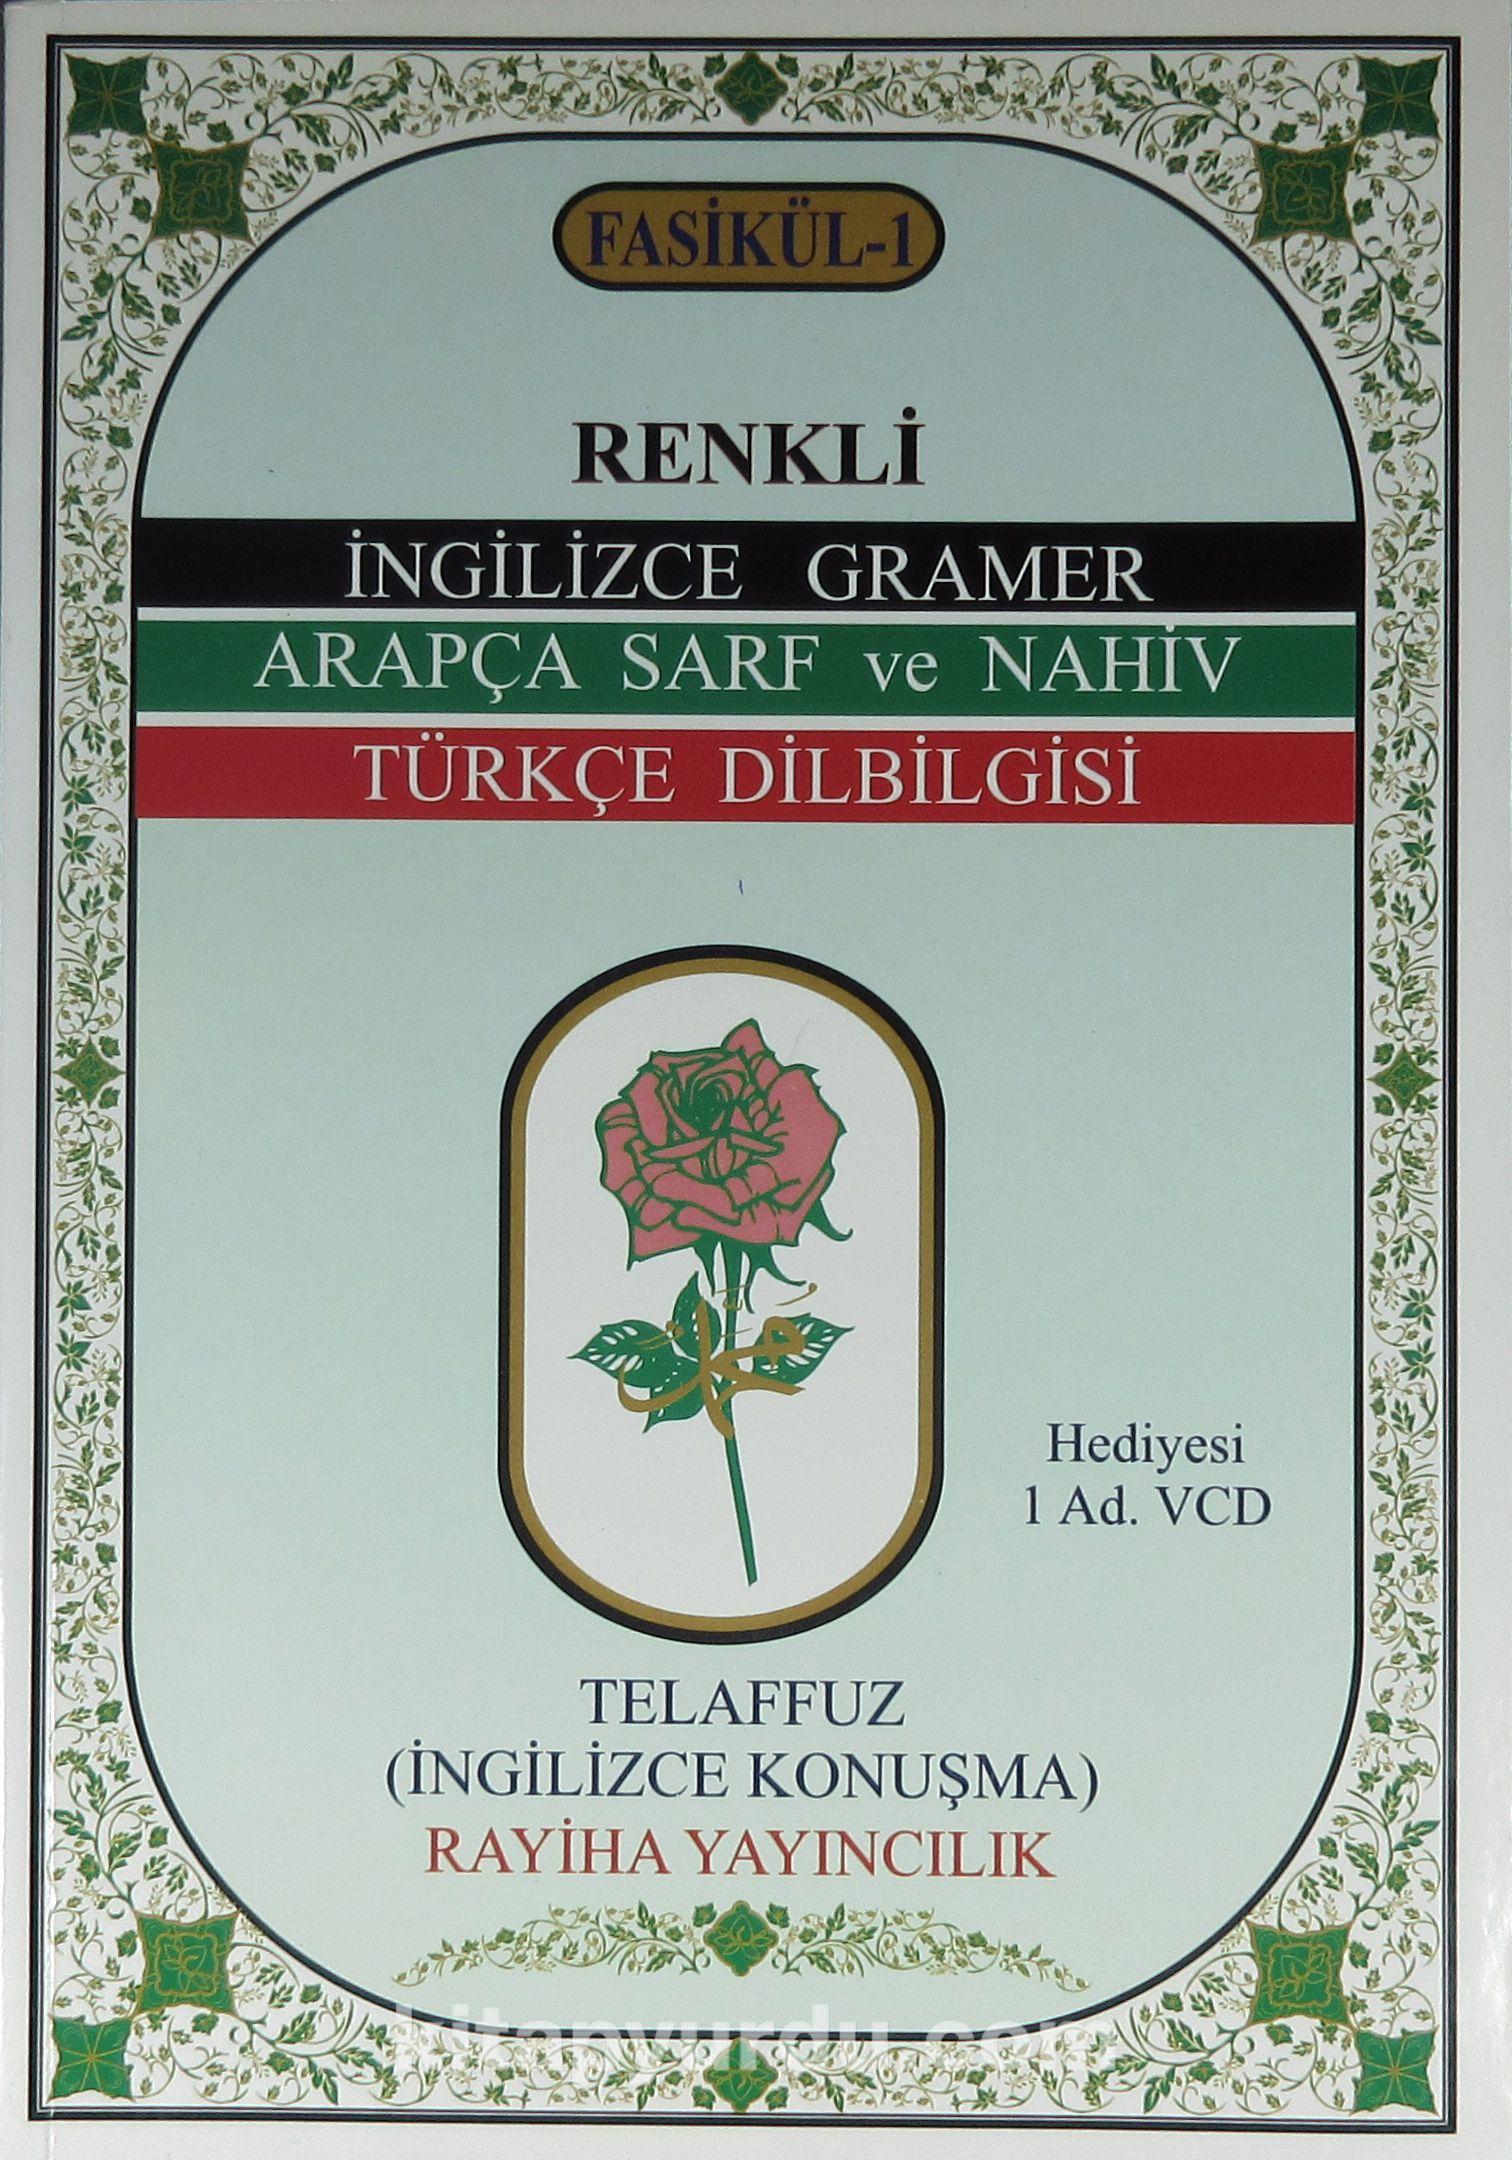 Renkli İngilizce Gramer Arapça Sarf ve Nahiv Türkçe Dilbilgisi / İngilizce Telaffuz Kitabı (Fasikül 1)